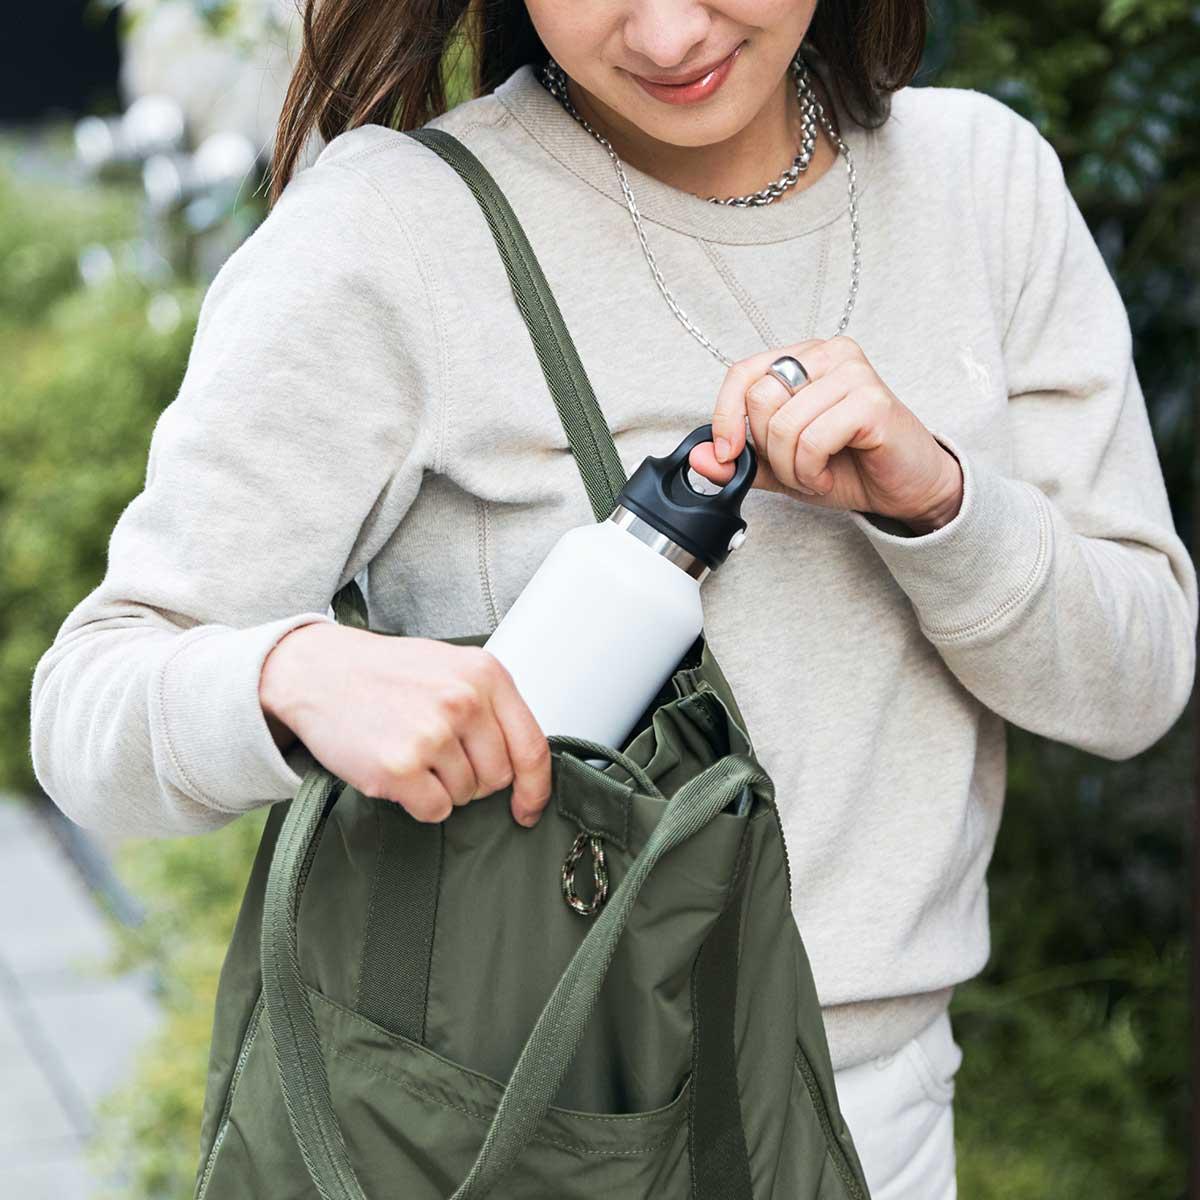 ぺたんこ状態にたたんでも、ミニマムなトートバッグとして、使い勝手が考え抜かれています。薄型トートバッグが大容量バッグに変身するバッグ|WARPトランスフォームジッパーバッグ